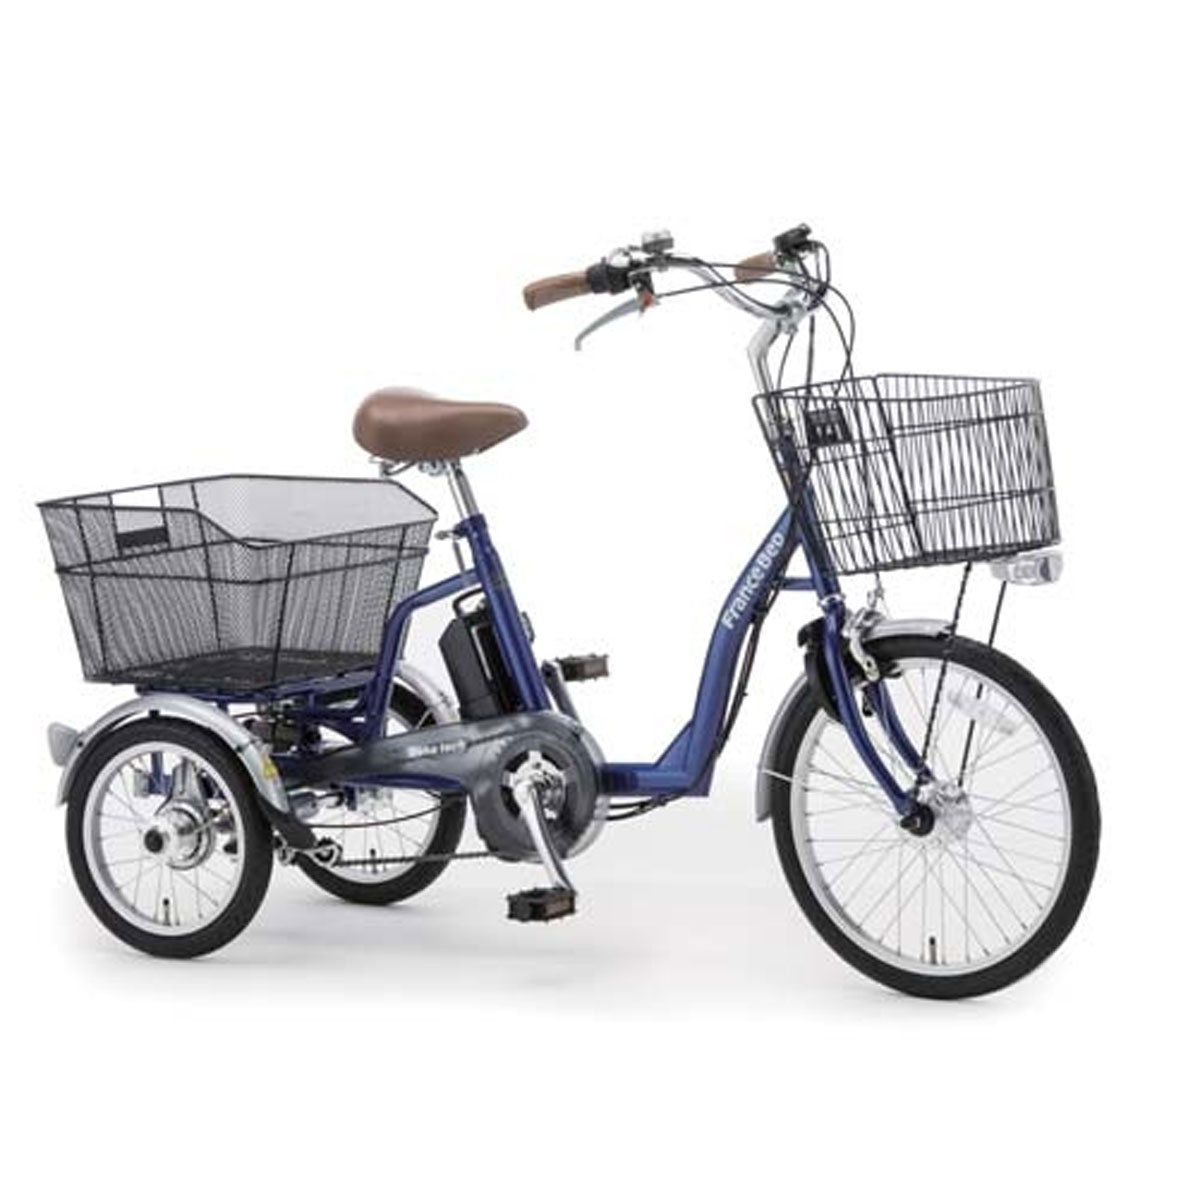 【新品】 フランスベッド フランスベッド 電動アシスト三輪自転車 ASU-3WT3 ASU-3WT3 ブルー色, 篠栗町:6108b527 --- oceanmediaservices.com